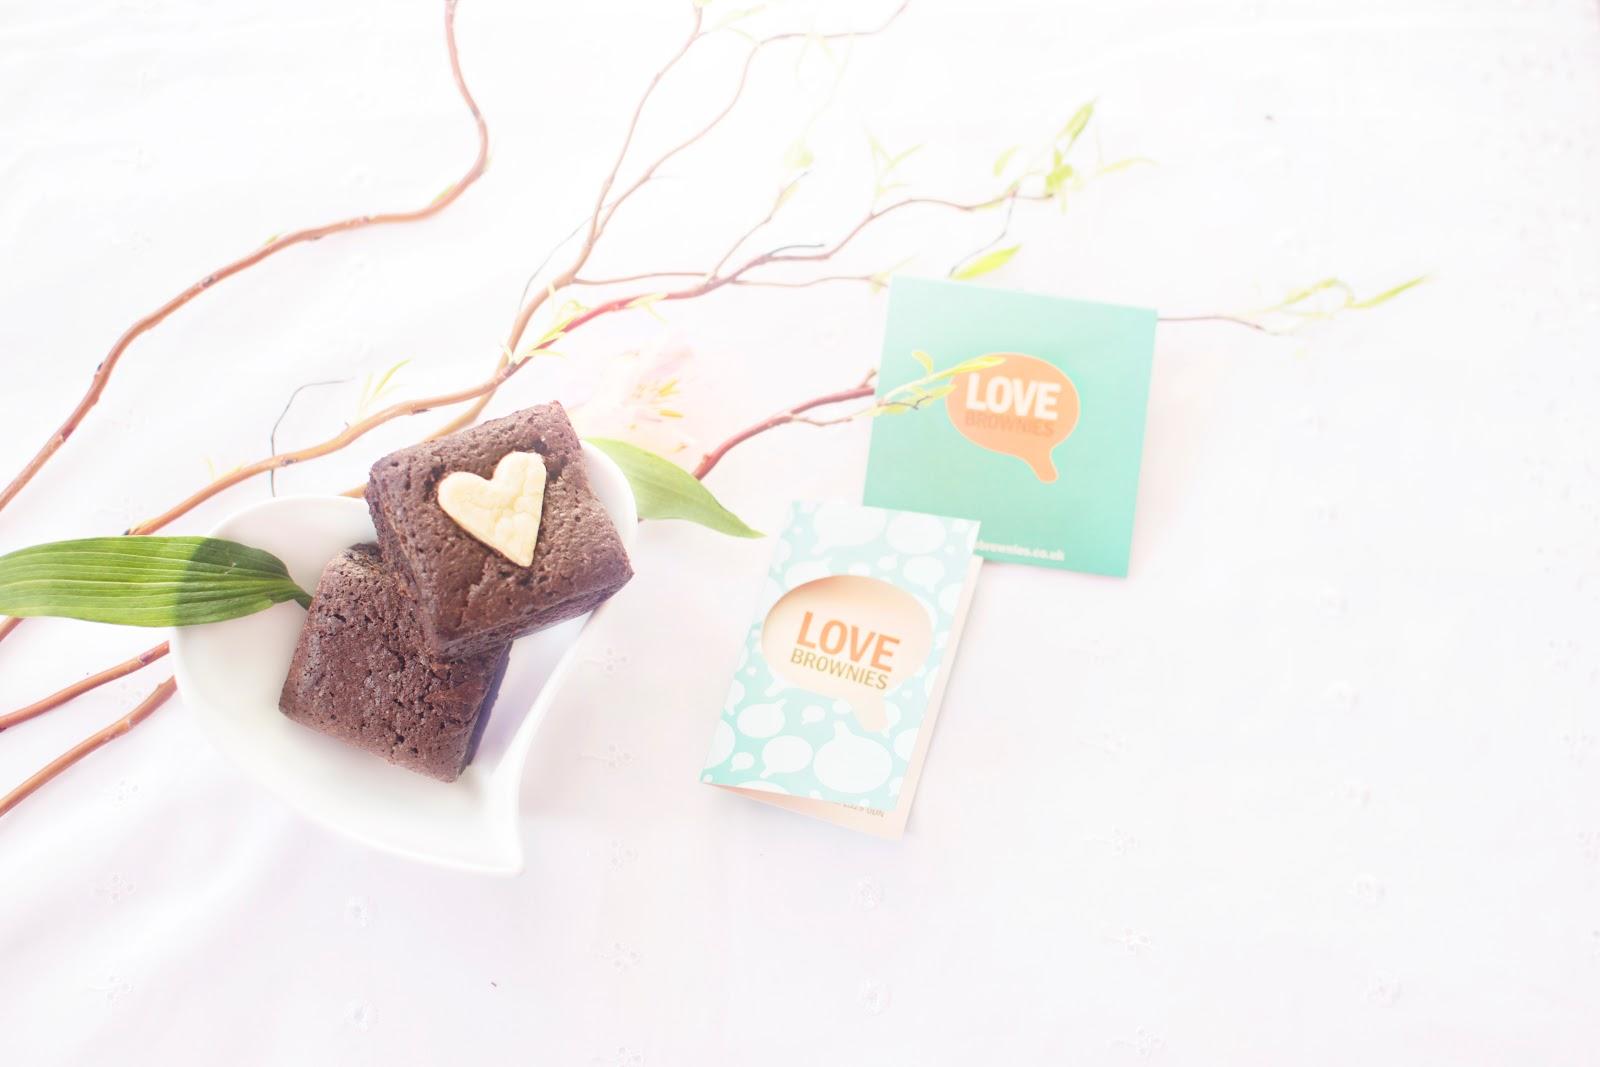 A LI'L SOMETHING SWEET: LOVE BROWNIES